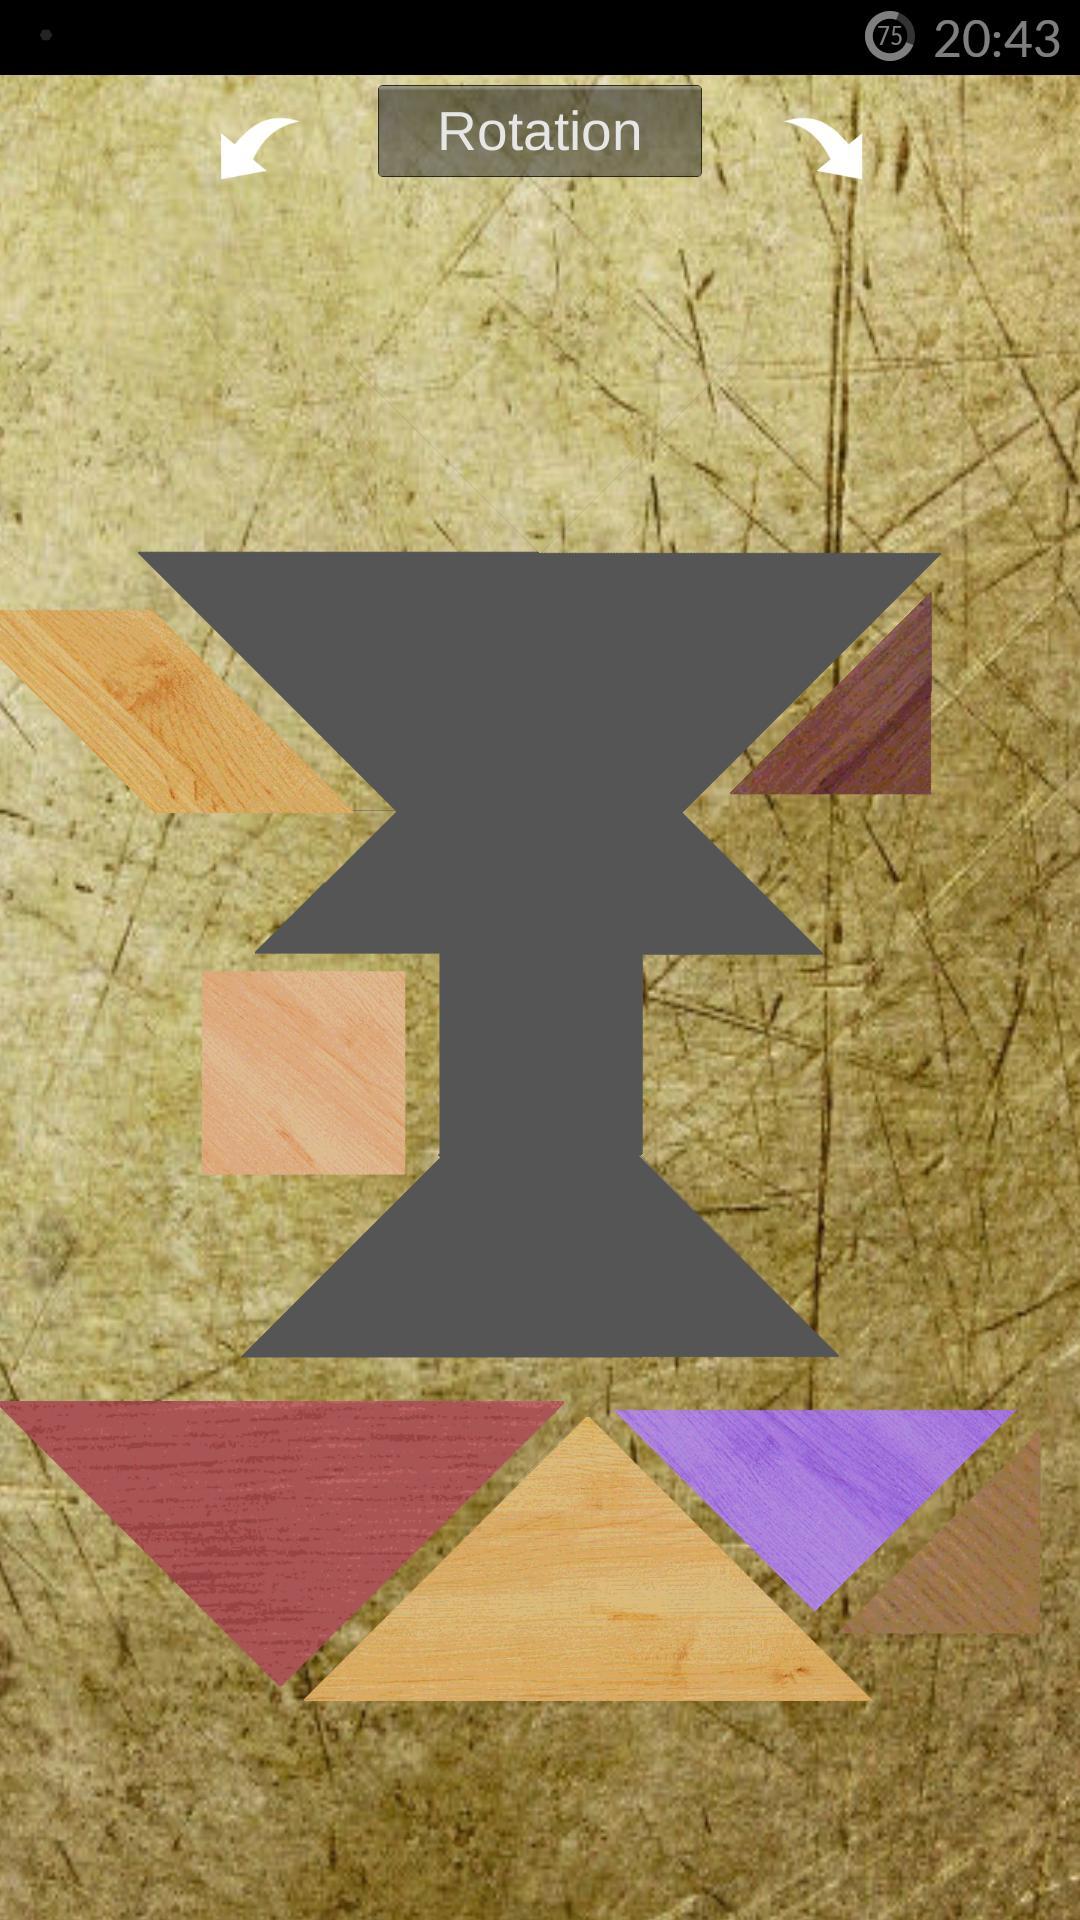 Tangram Gratuit For Android - Apk Download encequiconcerne Jeux De Tangram Gratuit